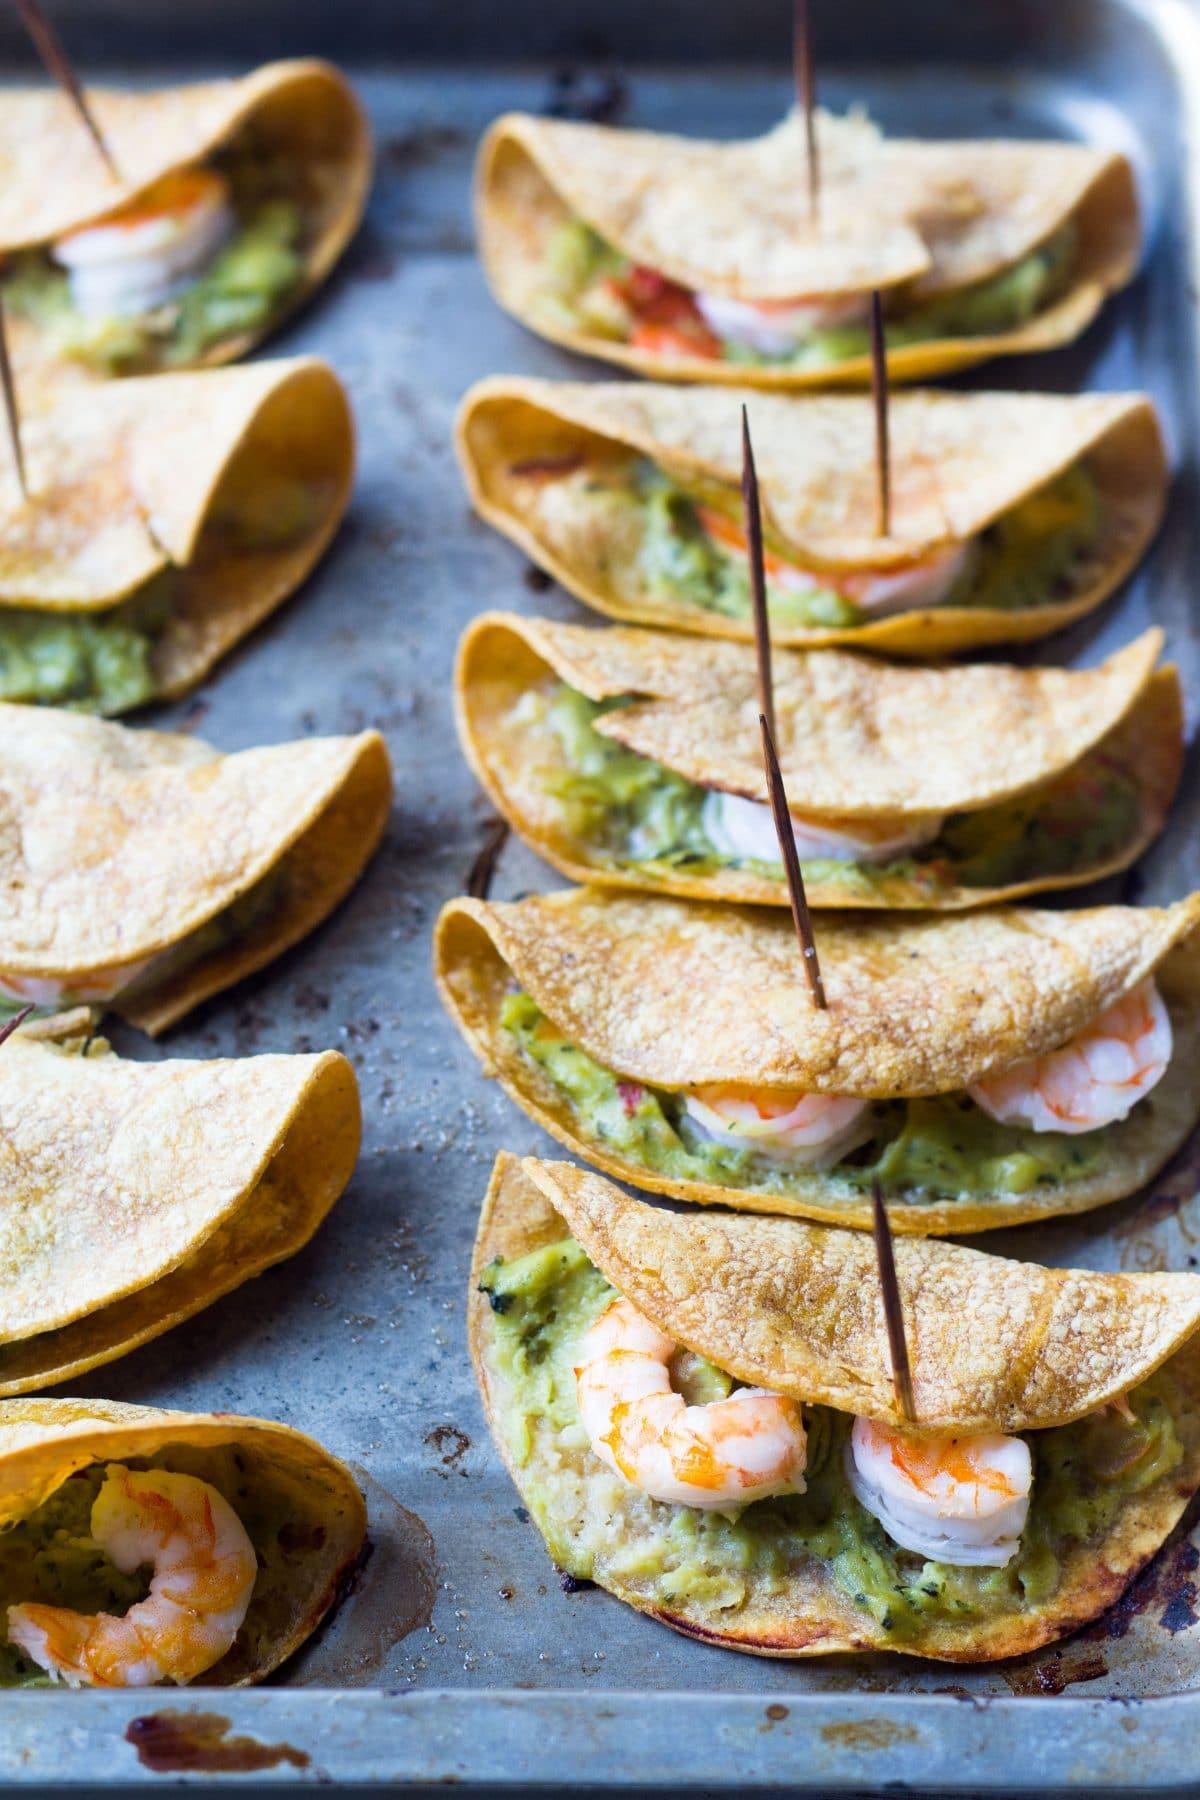 baked-mini-tacos-image